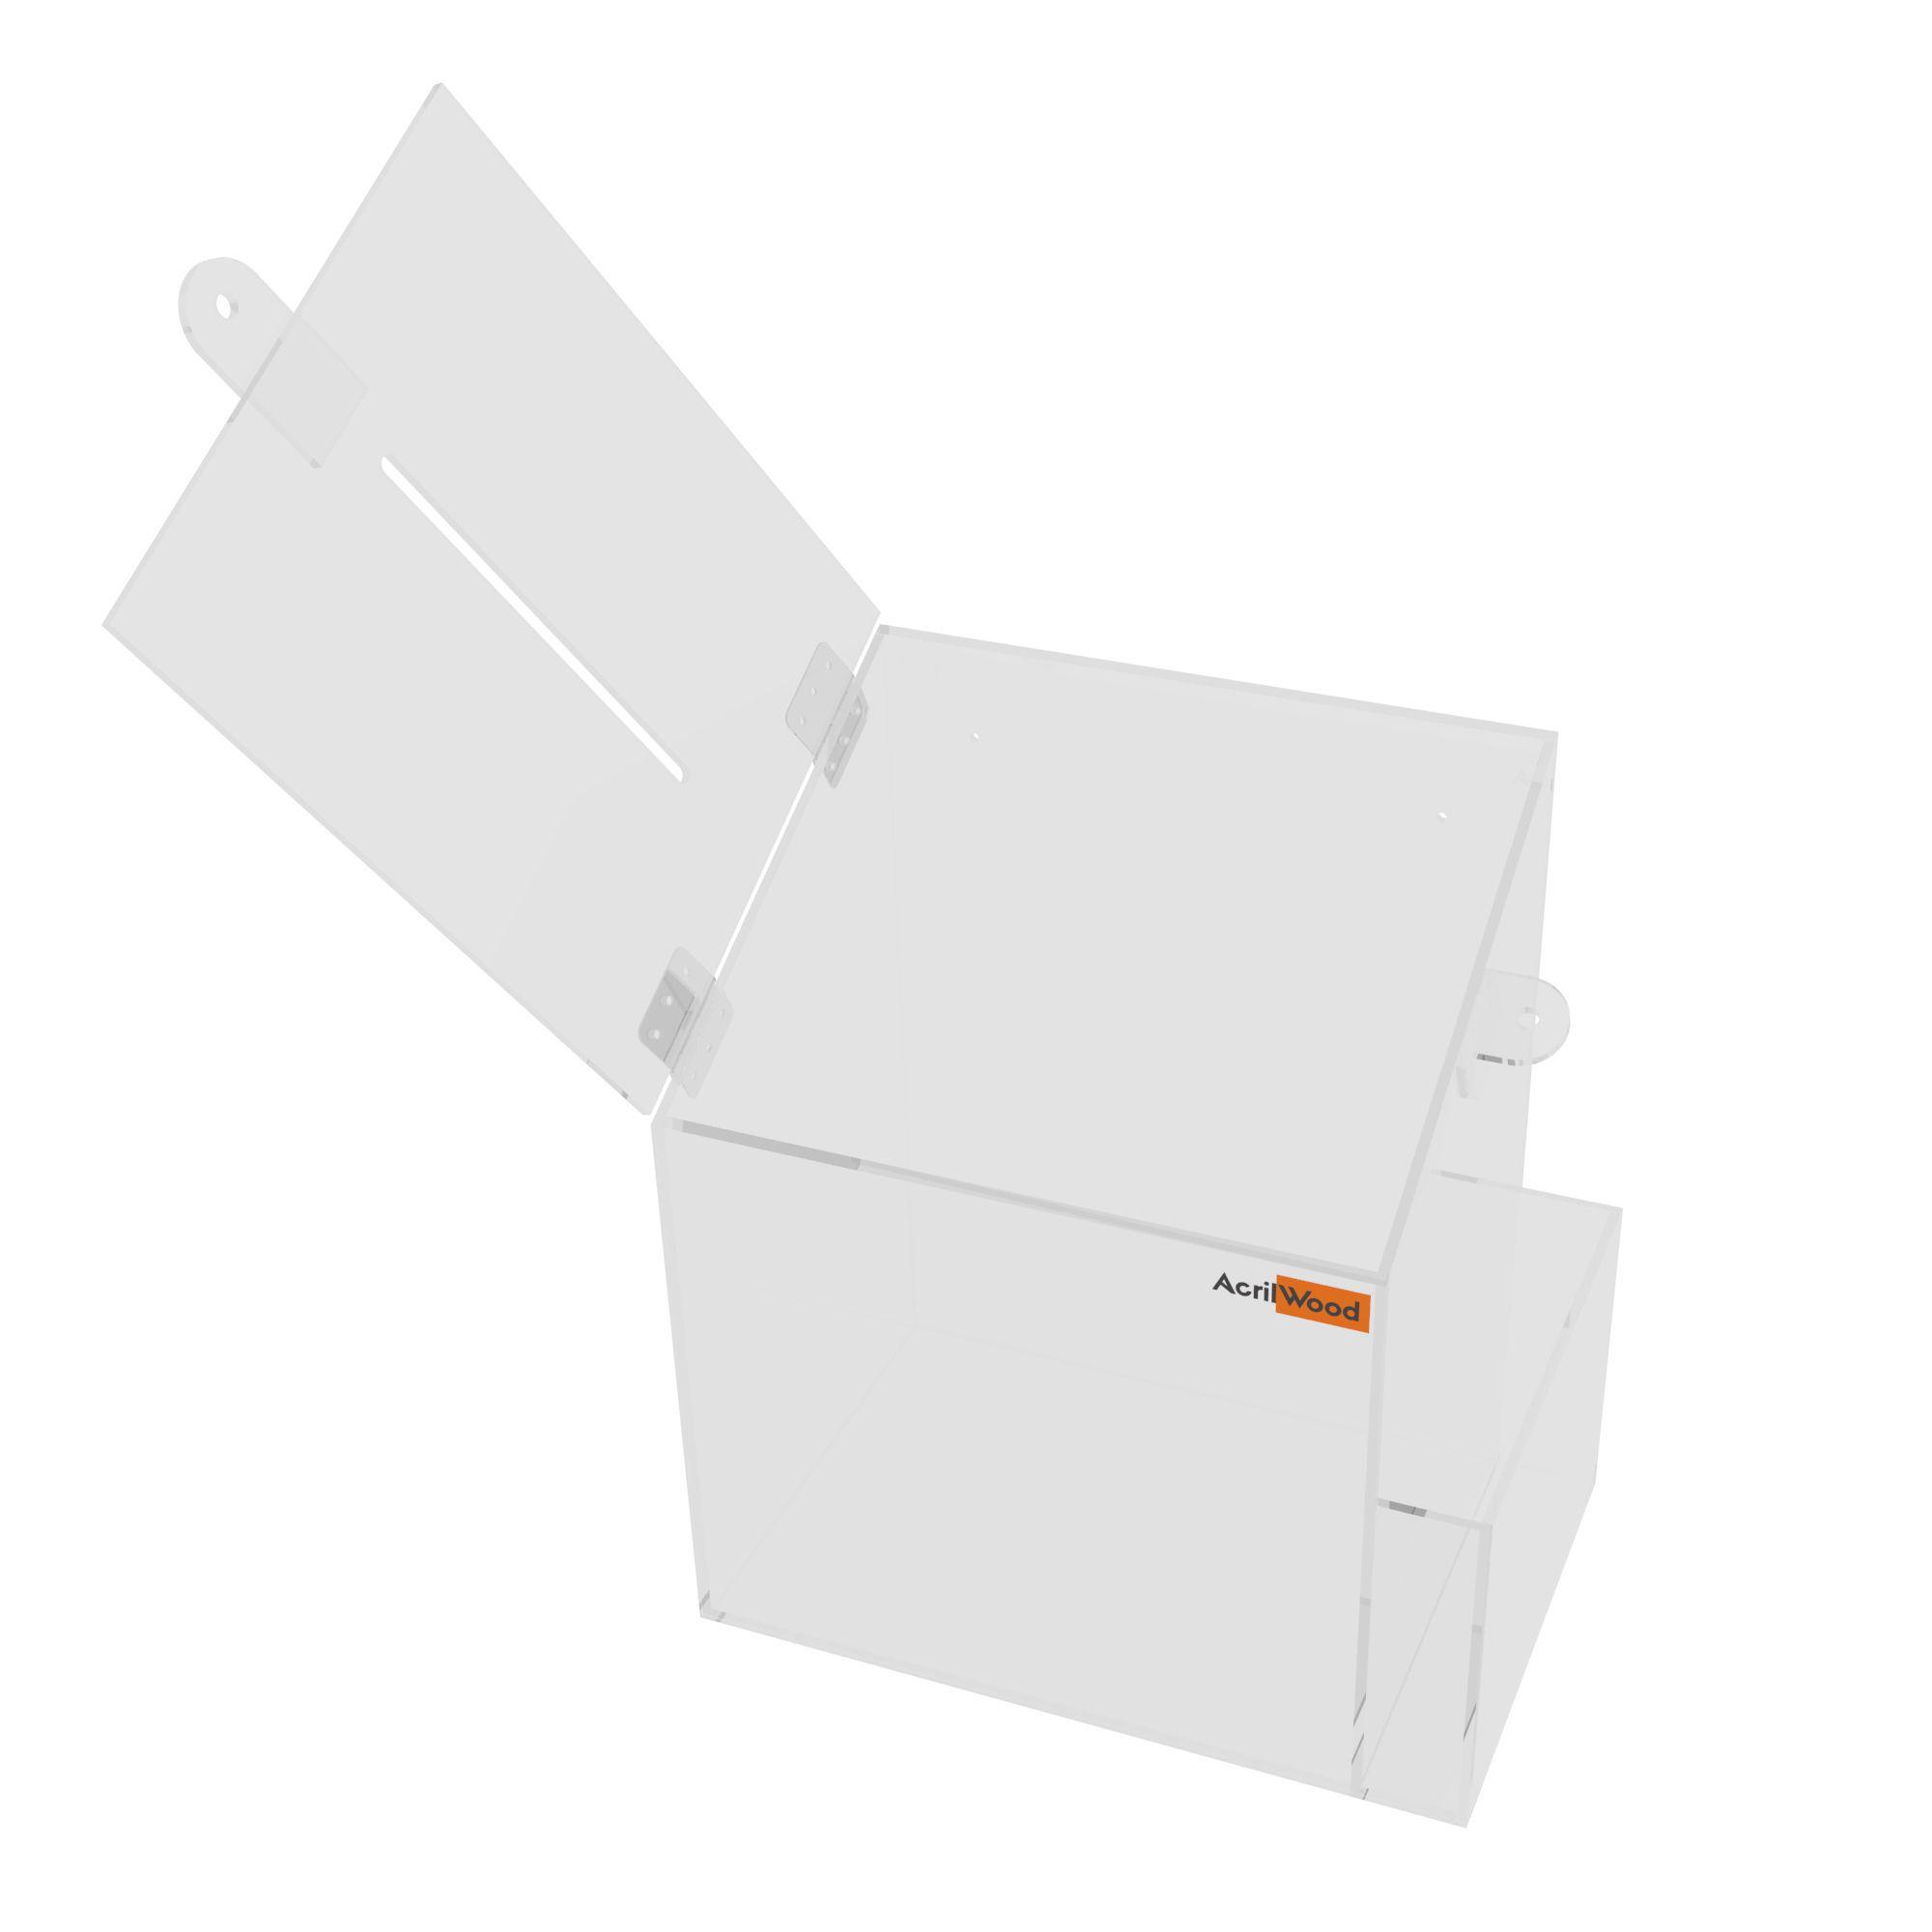 Caixa Sugestão Em Acrílico Cristal Média - 20x15x25cm